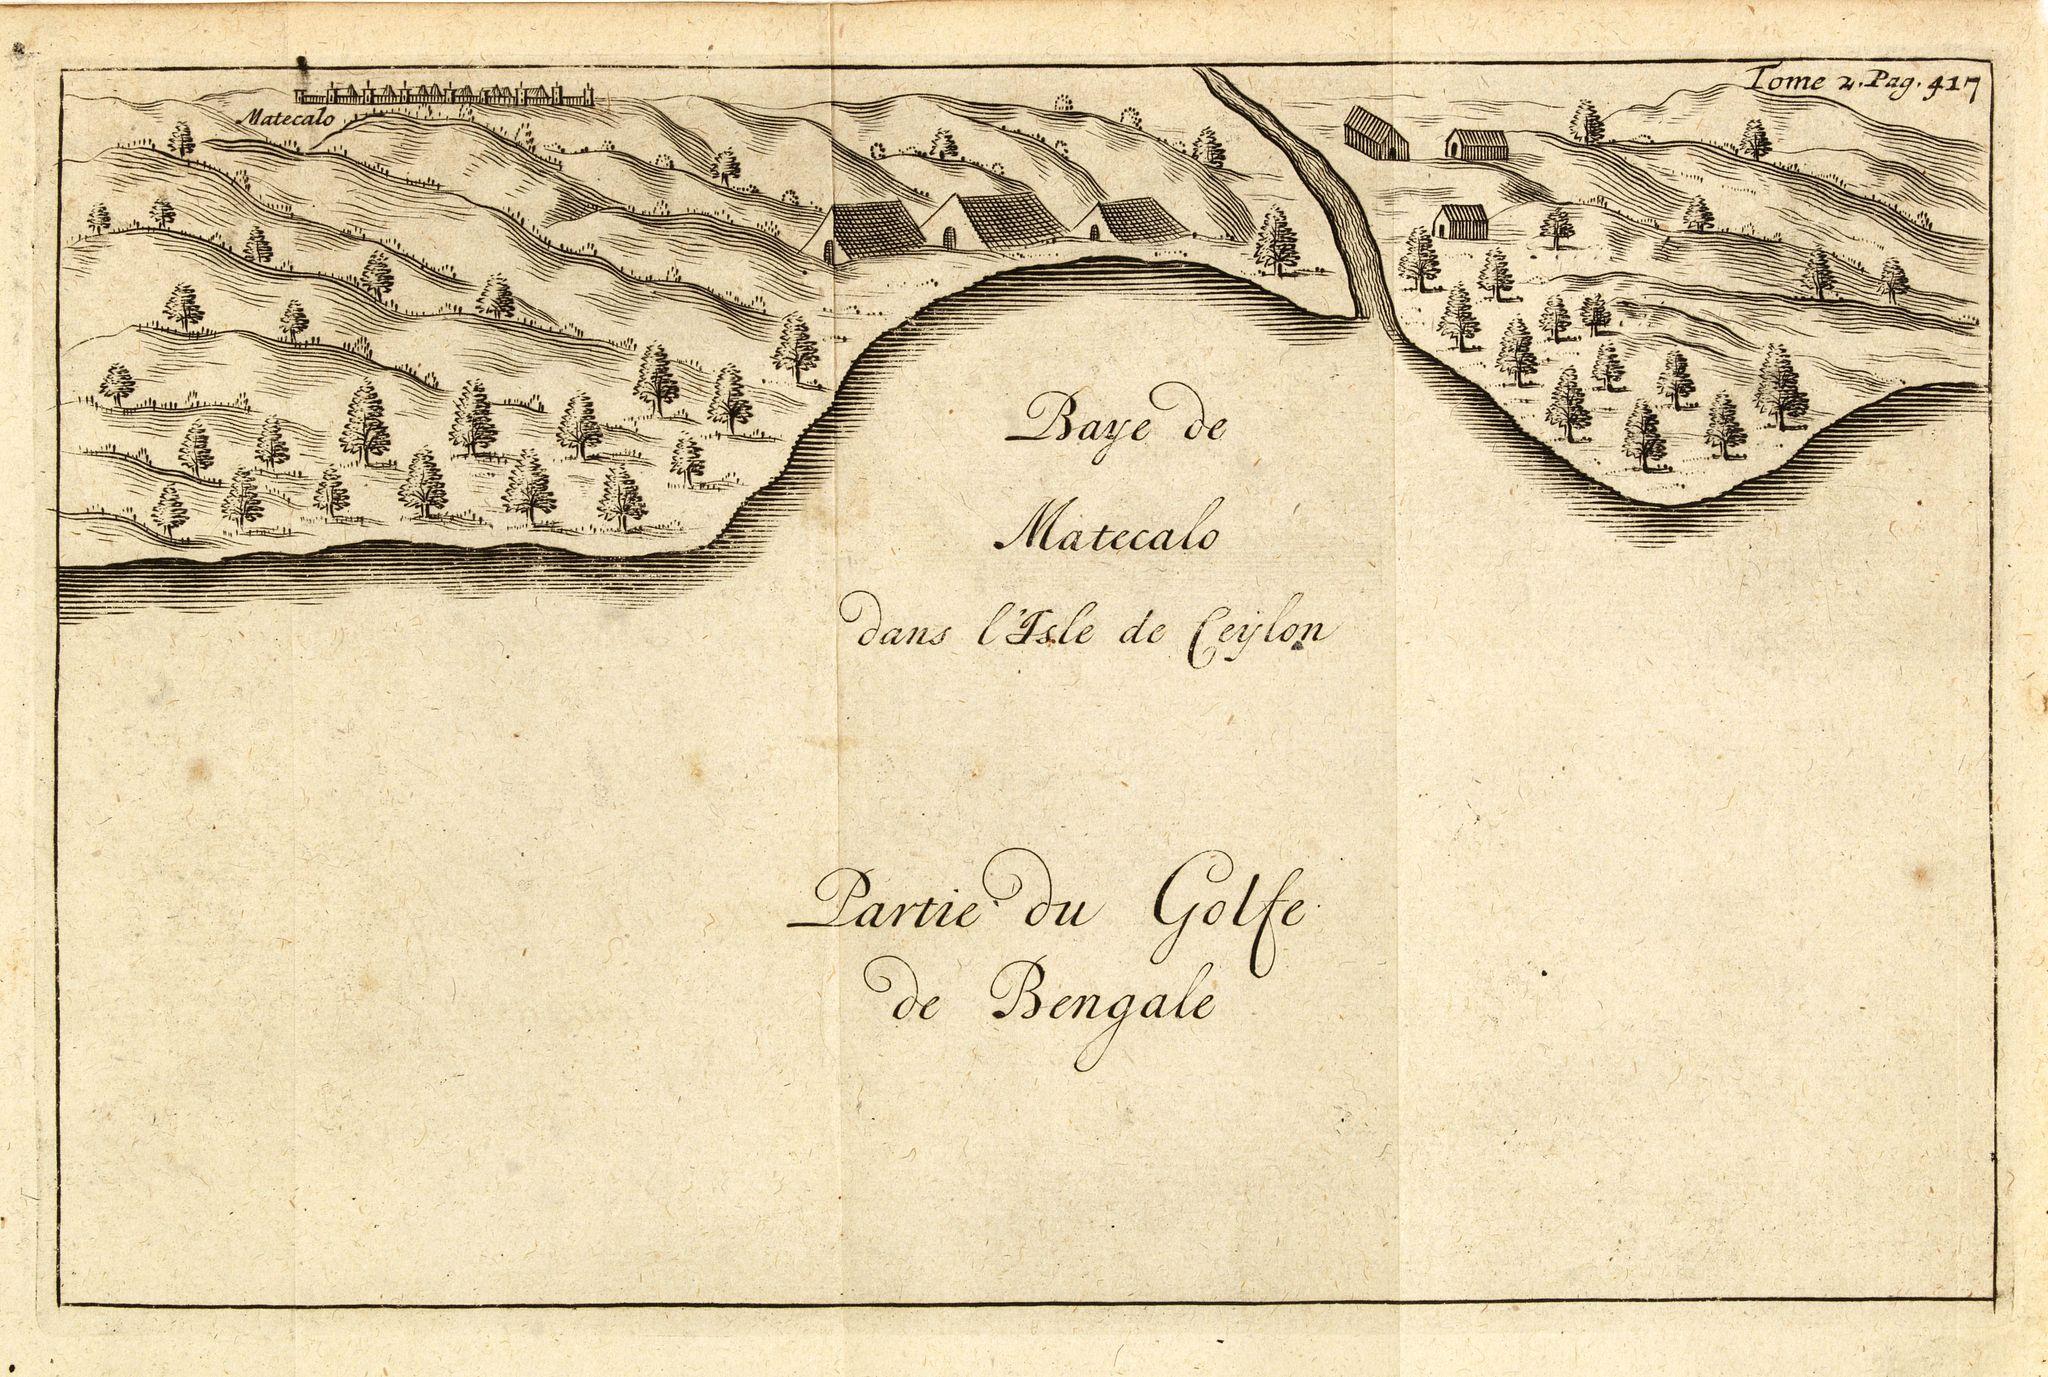 DE RENNEVILLE, R.A.C. -  Baye de Matecalo Dans l'Isle de Ceylon / Partie du Golfe de Bengale. ( Tome 2 Page 417)